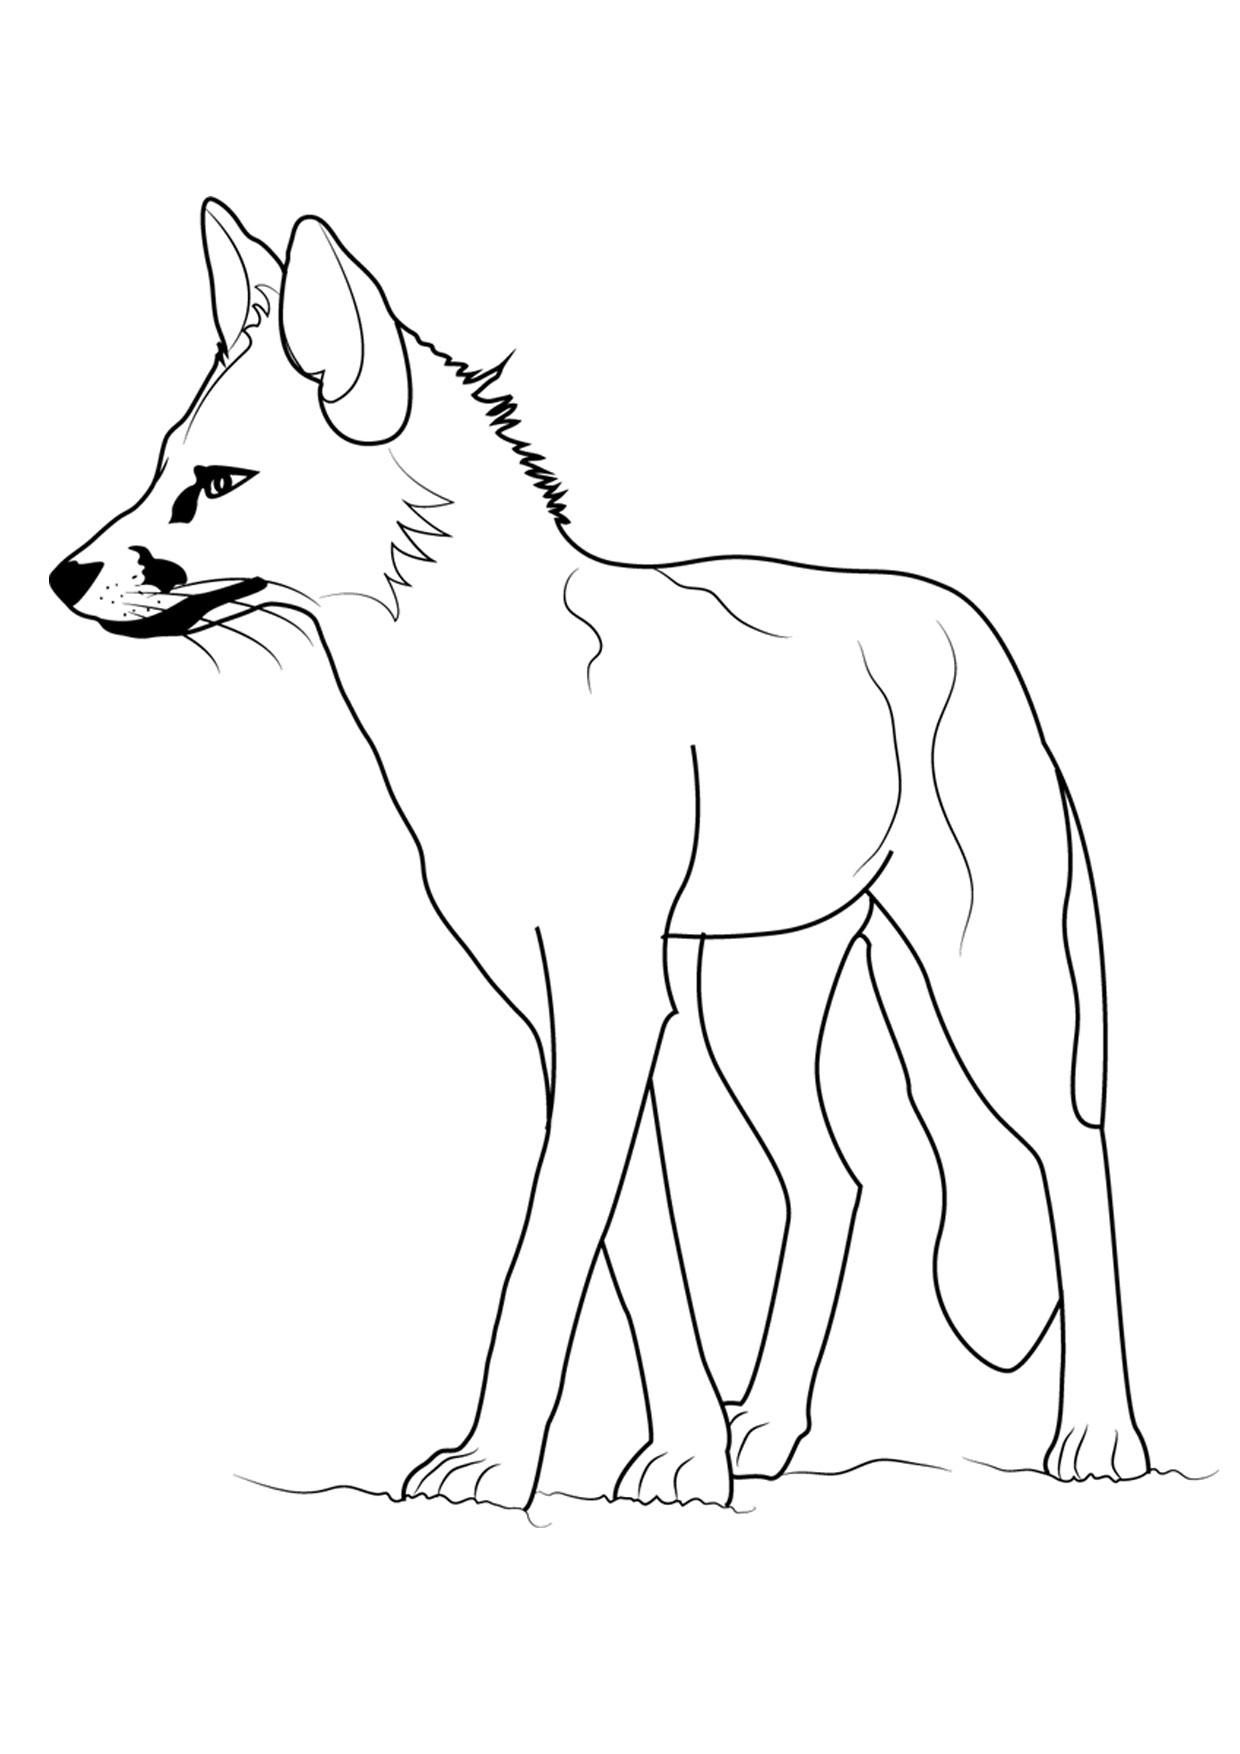 Disegno di volpe da colorare 07